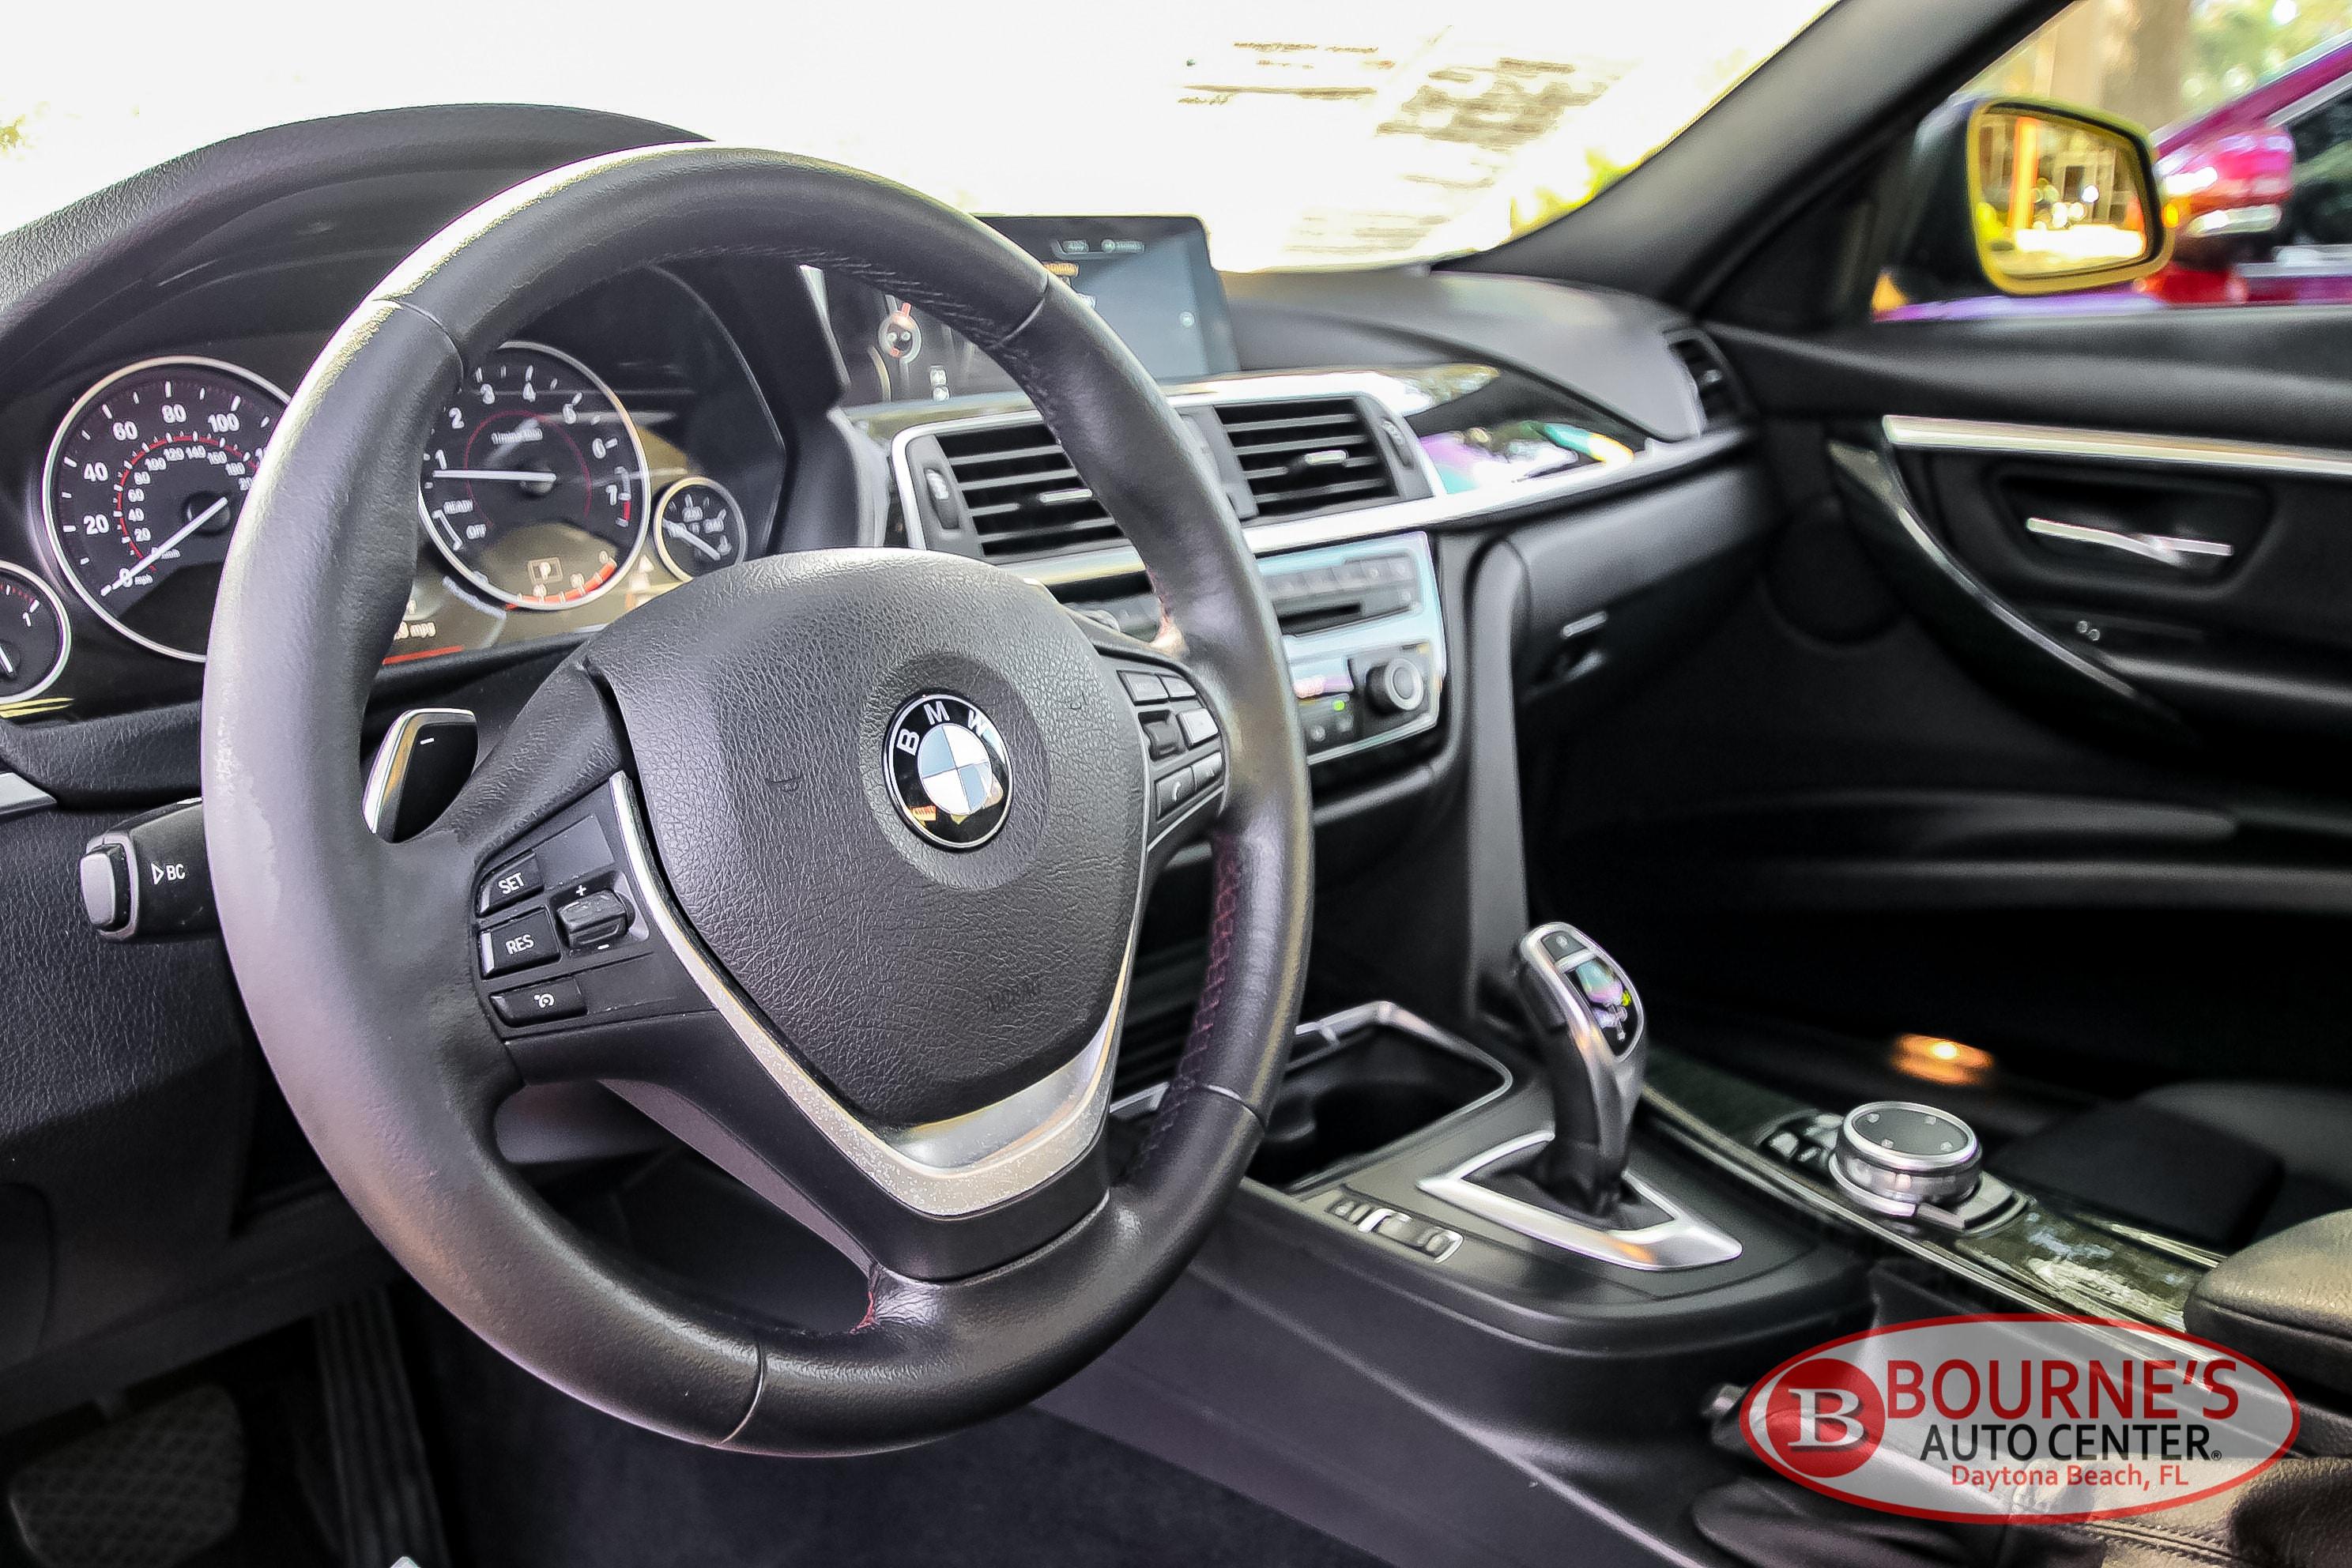 2016 BMW 3 Series - Fair Car Ownership